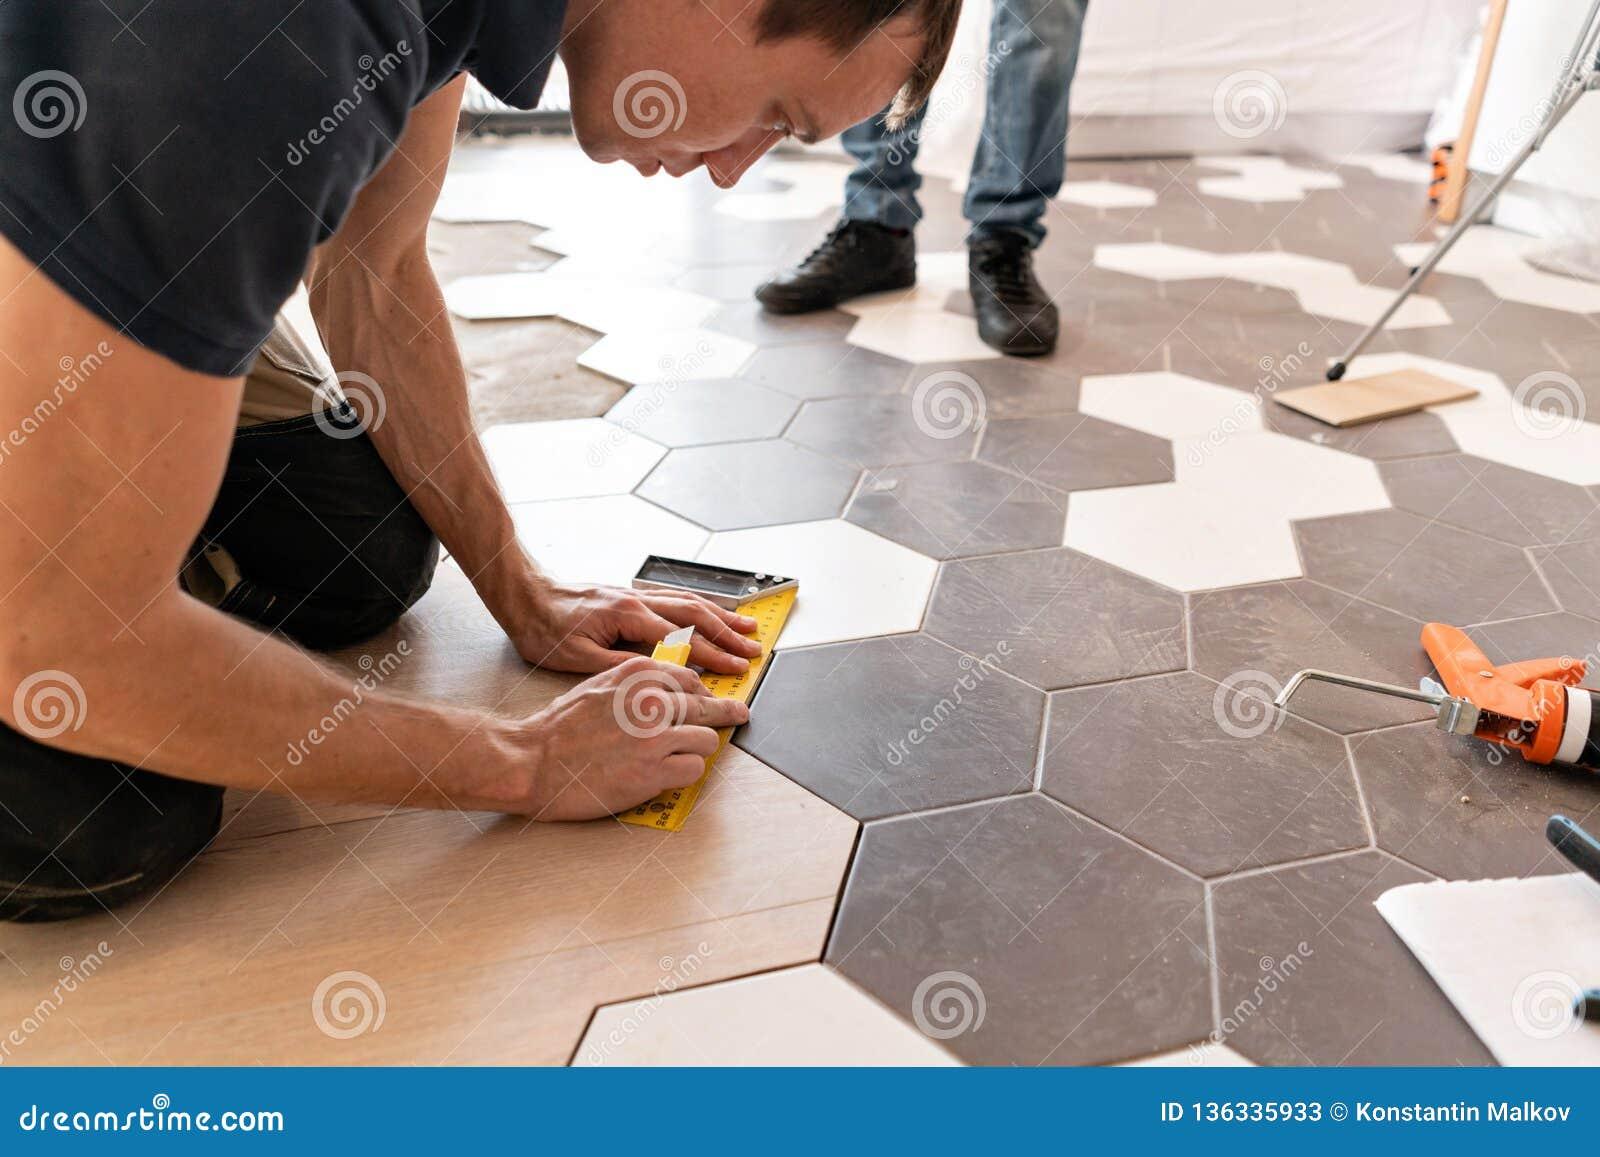 安装新的木层压制品的地板的男性工作者 层压制品和瓷砖木盘区的组合在